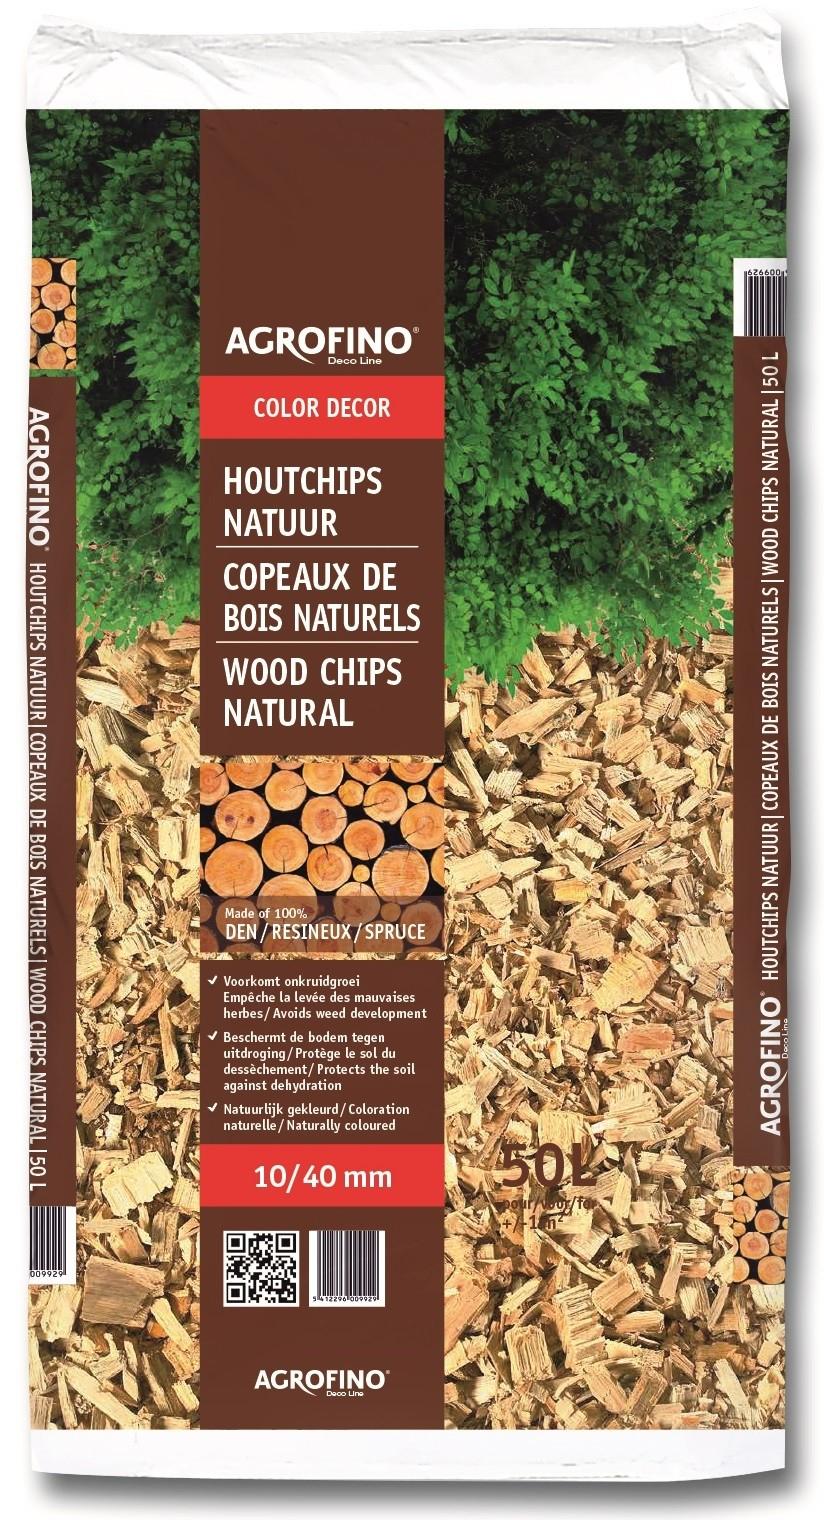 Copeaux De Bois Naturels 50 L Agrofino - Mr.bricolage à Copeaux De Bois Jardin